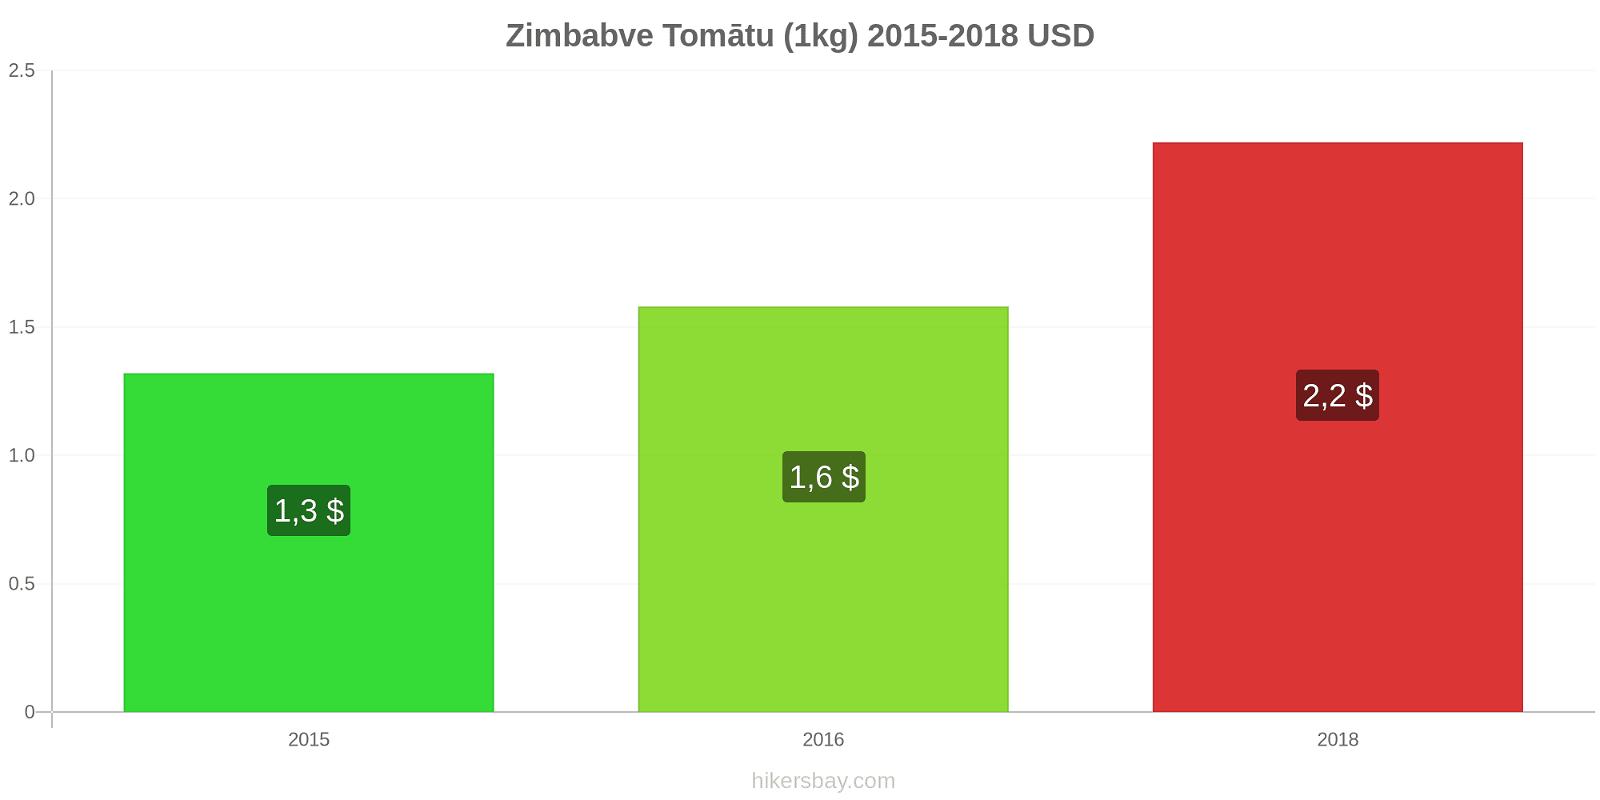 Zimbabve cenu izmaiņas Tomātu (1kg) hikersbay.com